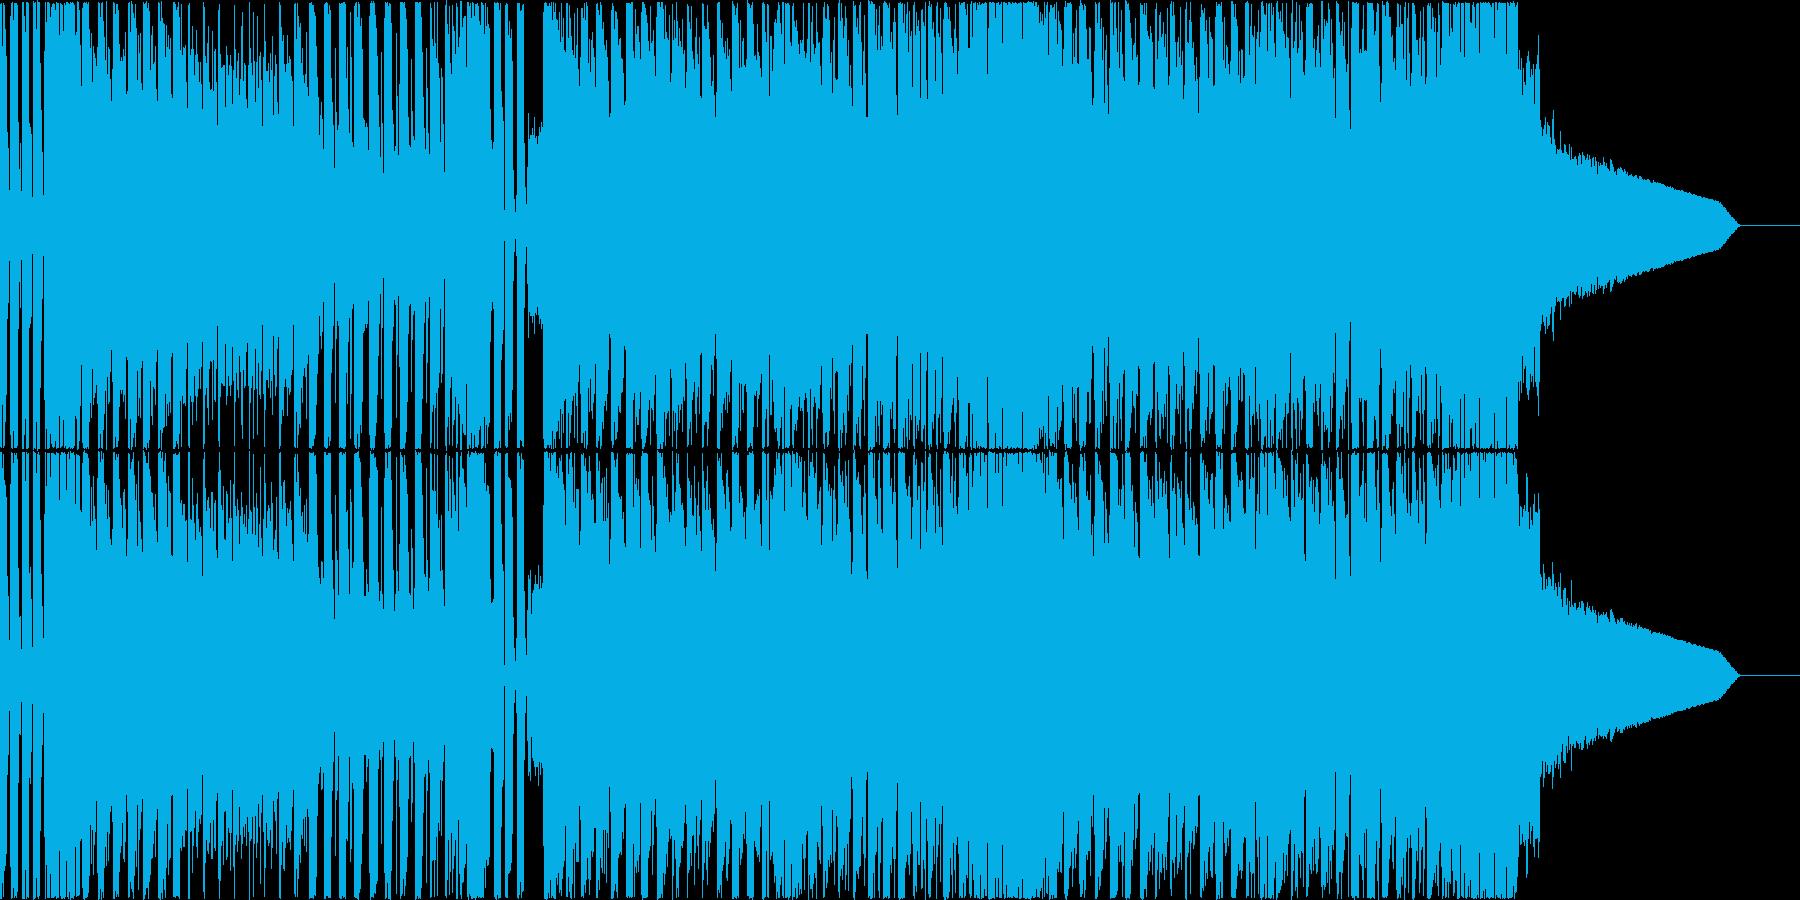 突き抜けるバイオリンの疾走感溢れるBGMの再生済みの波形